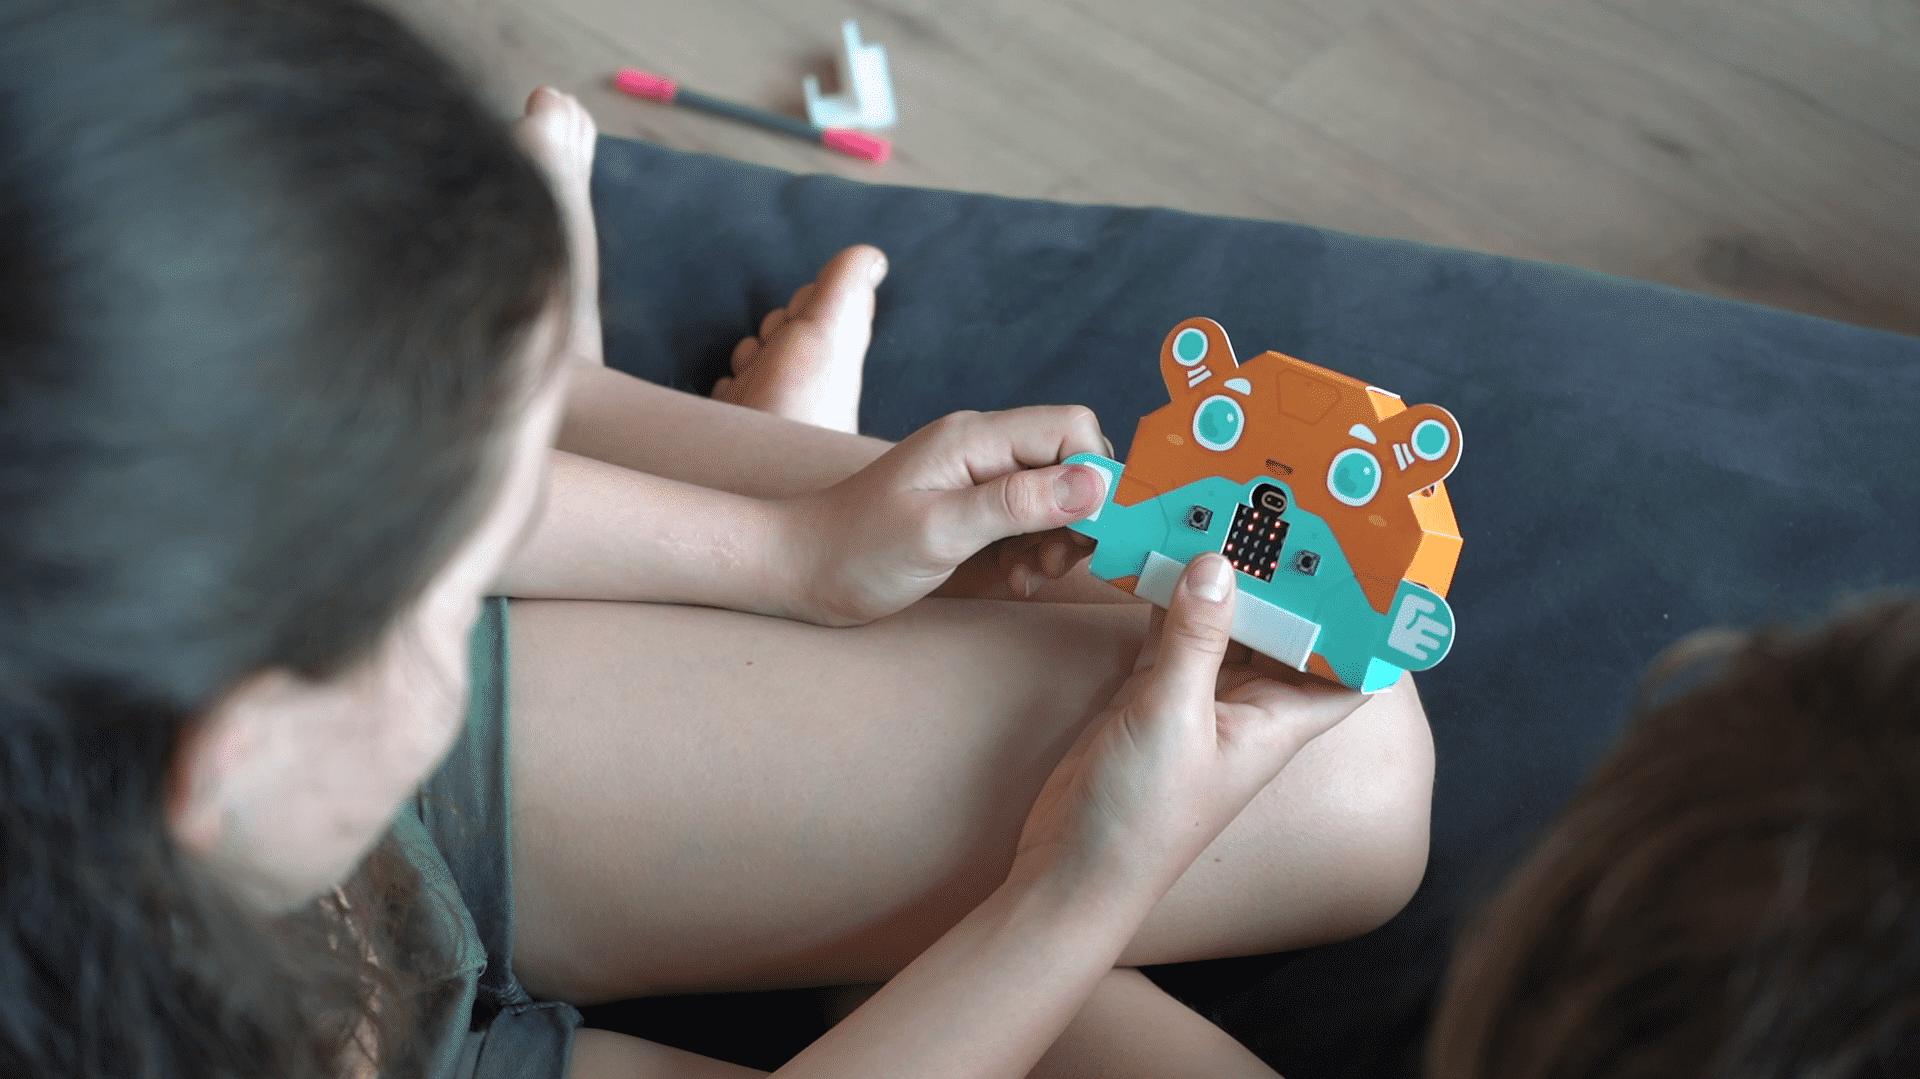 Zwei Kinder blicken auf einen bunten Papproboter mit LED-Matrix im Bauch.